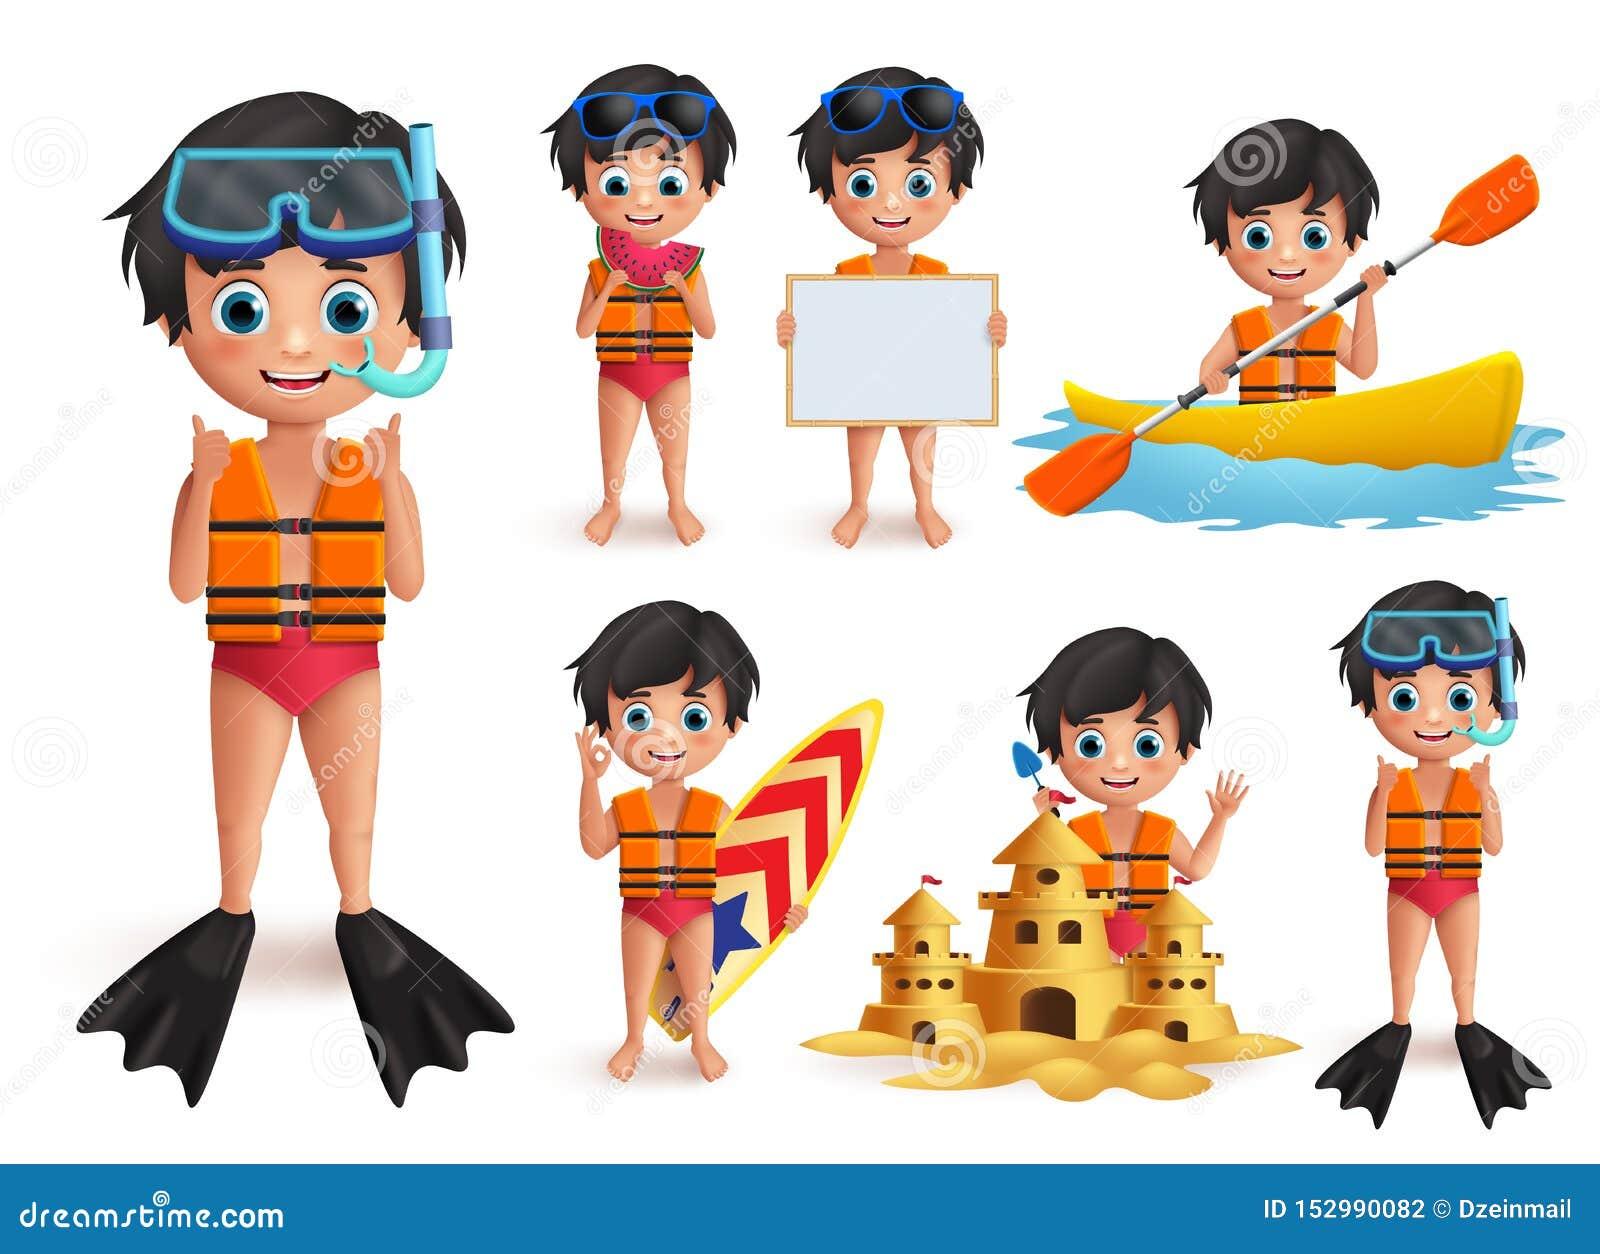 Tecken för vektor för sommarpojkeunge - uppsättning Bärande flytväst för strandpojke och snorkla göra strandaktiviteter